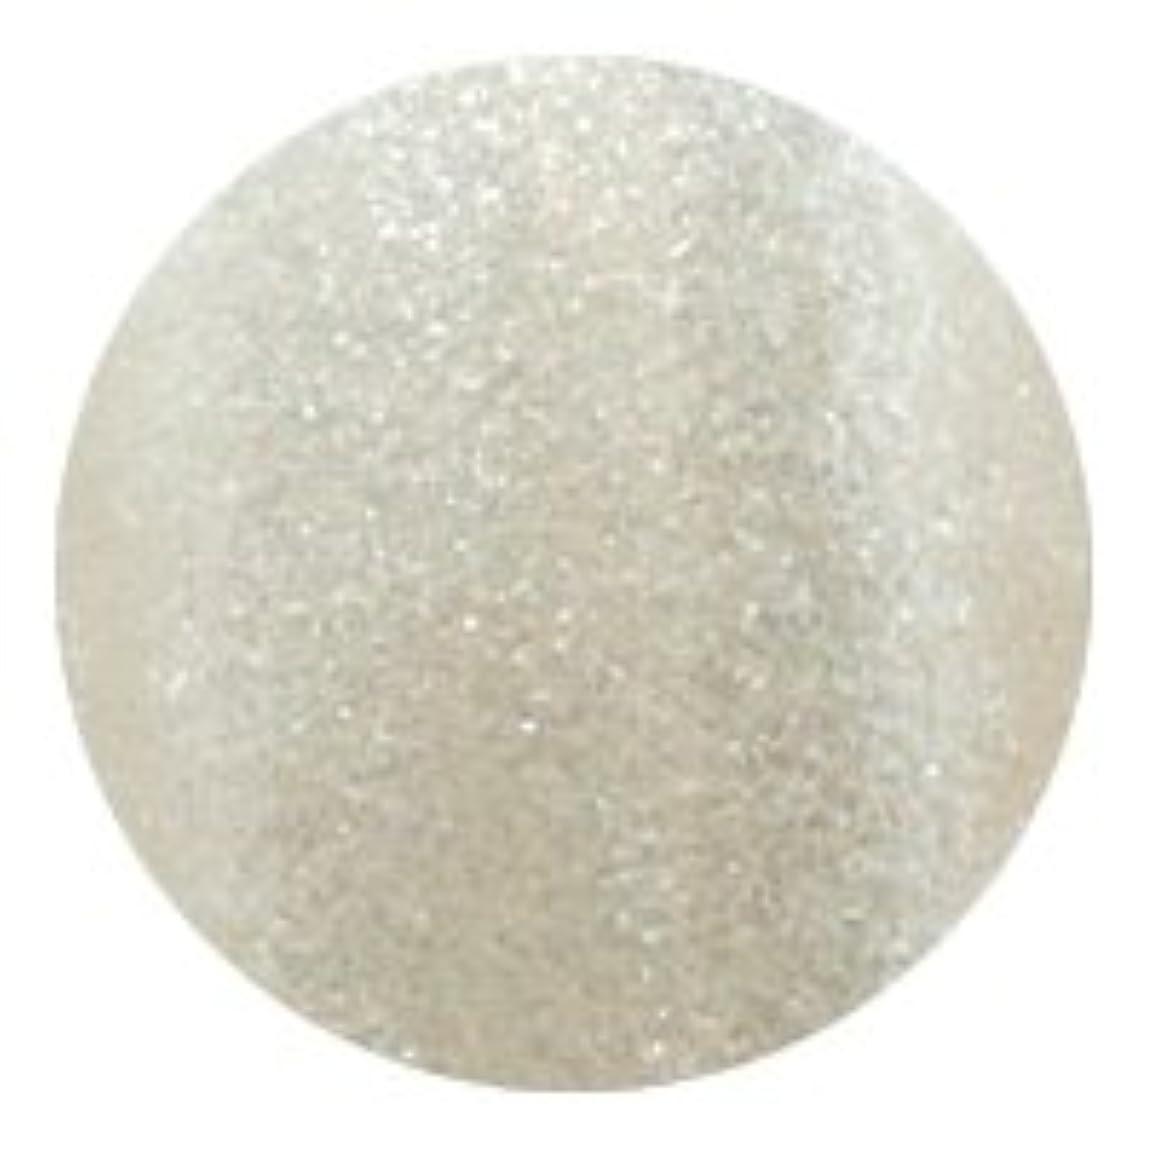 粘土行列凝視AKZENTZ(アクセンツ) UV/LED アイスカラーズ 4g<BR>UL 802 アイスシルク